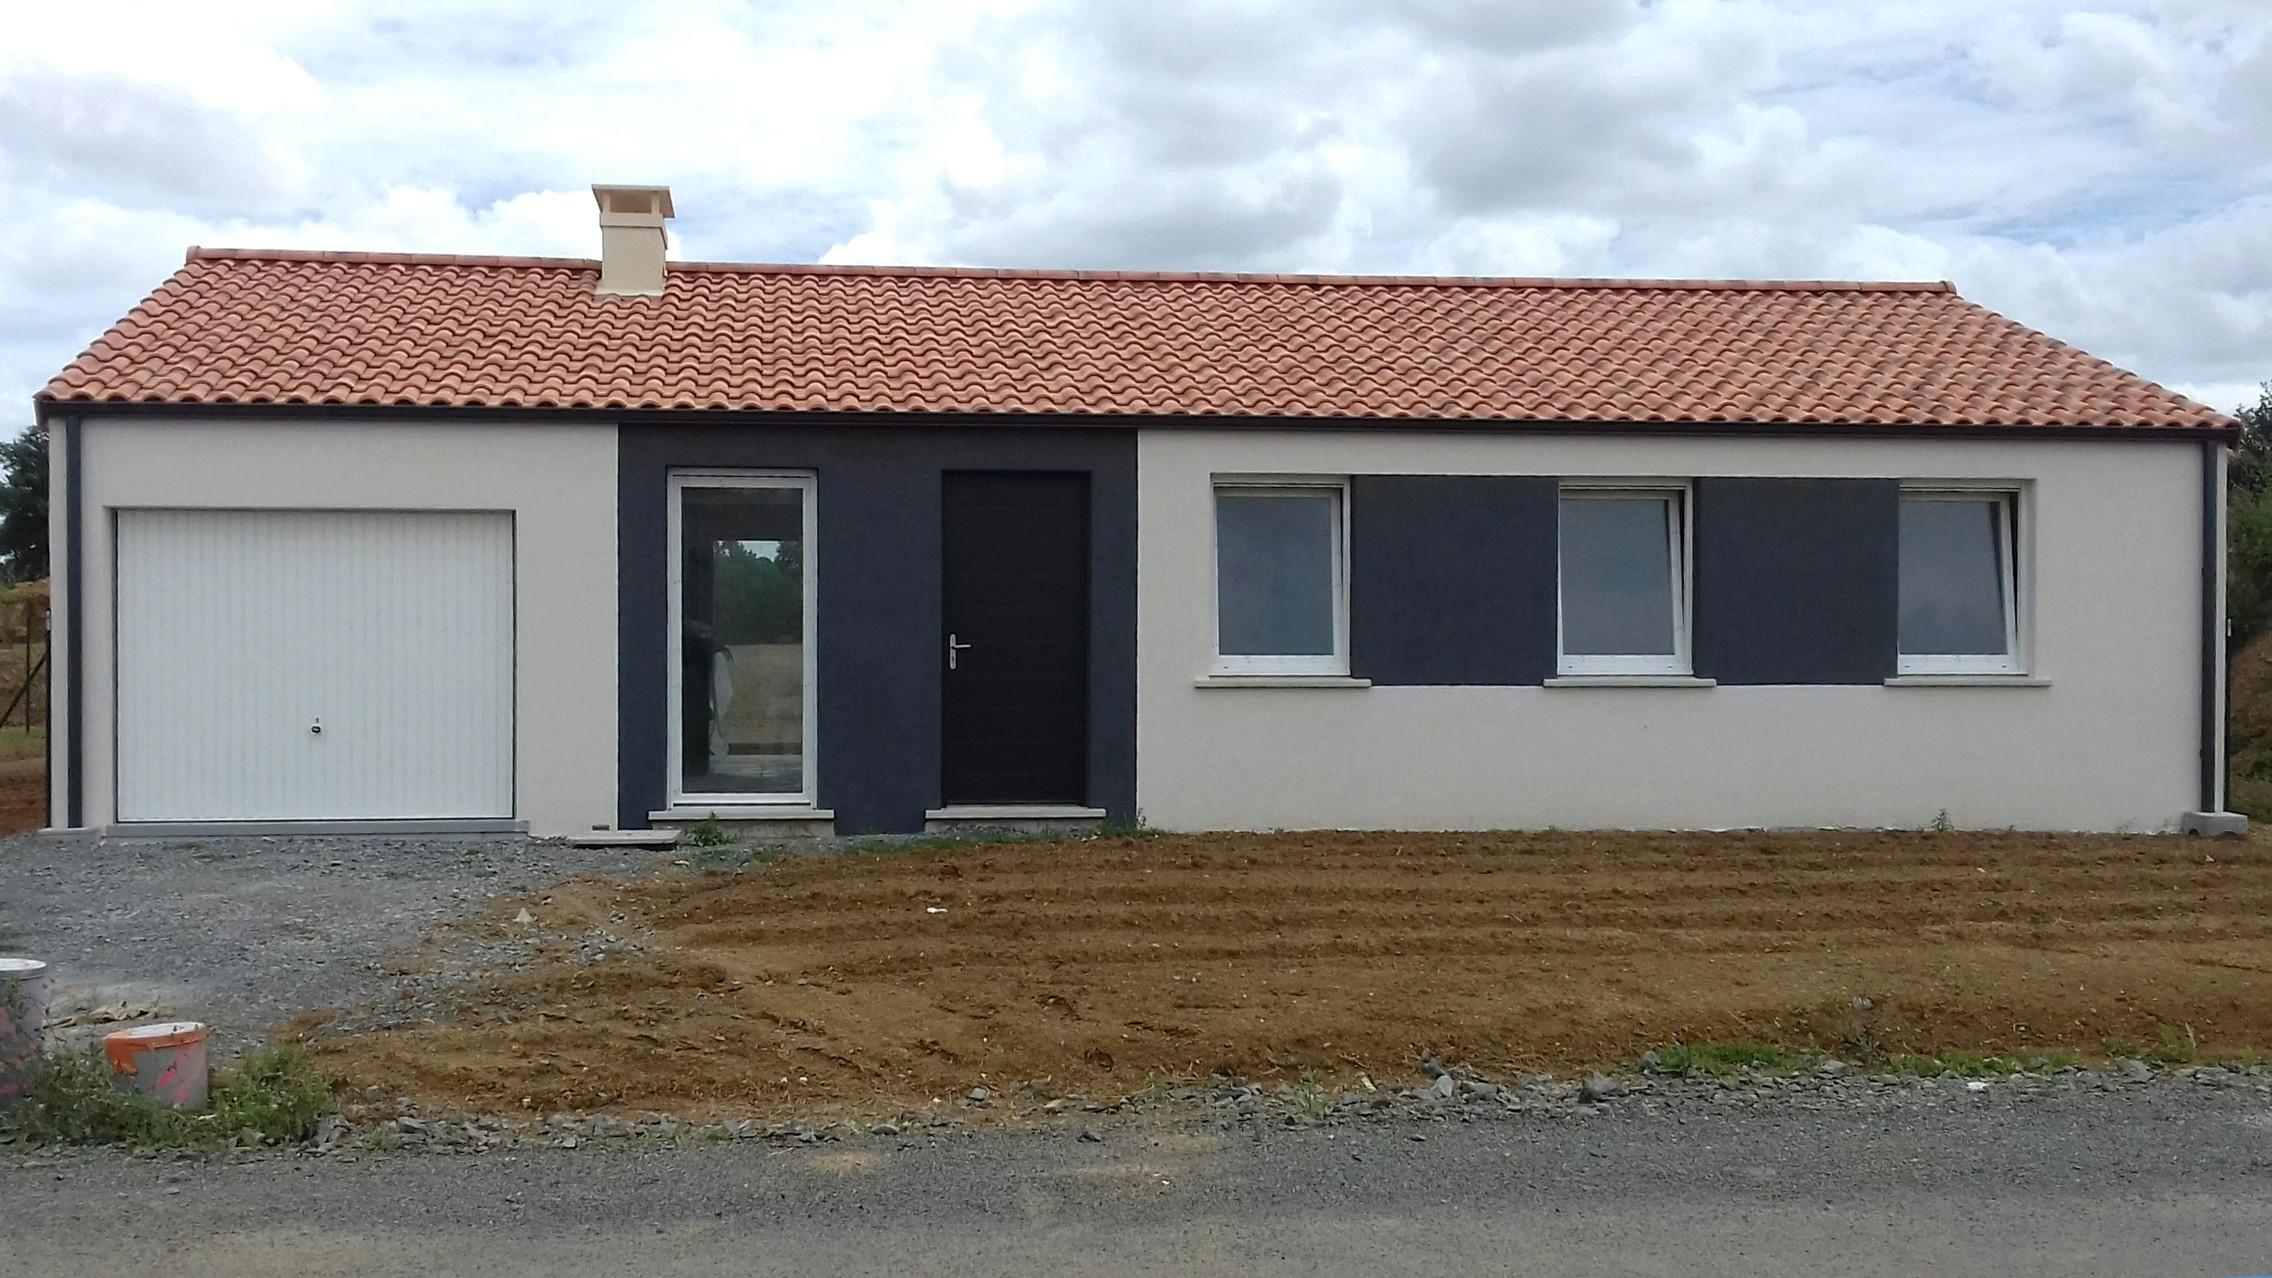 Maisons + Terrains du constructeur Maisons Phénix La-Roche-Sur-Yon • 86 m² • SAINT MAIXENT SUR VIE